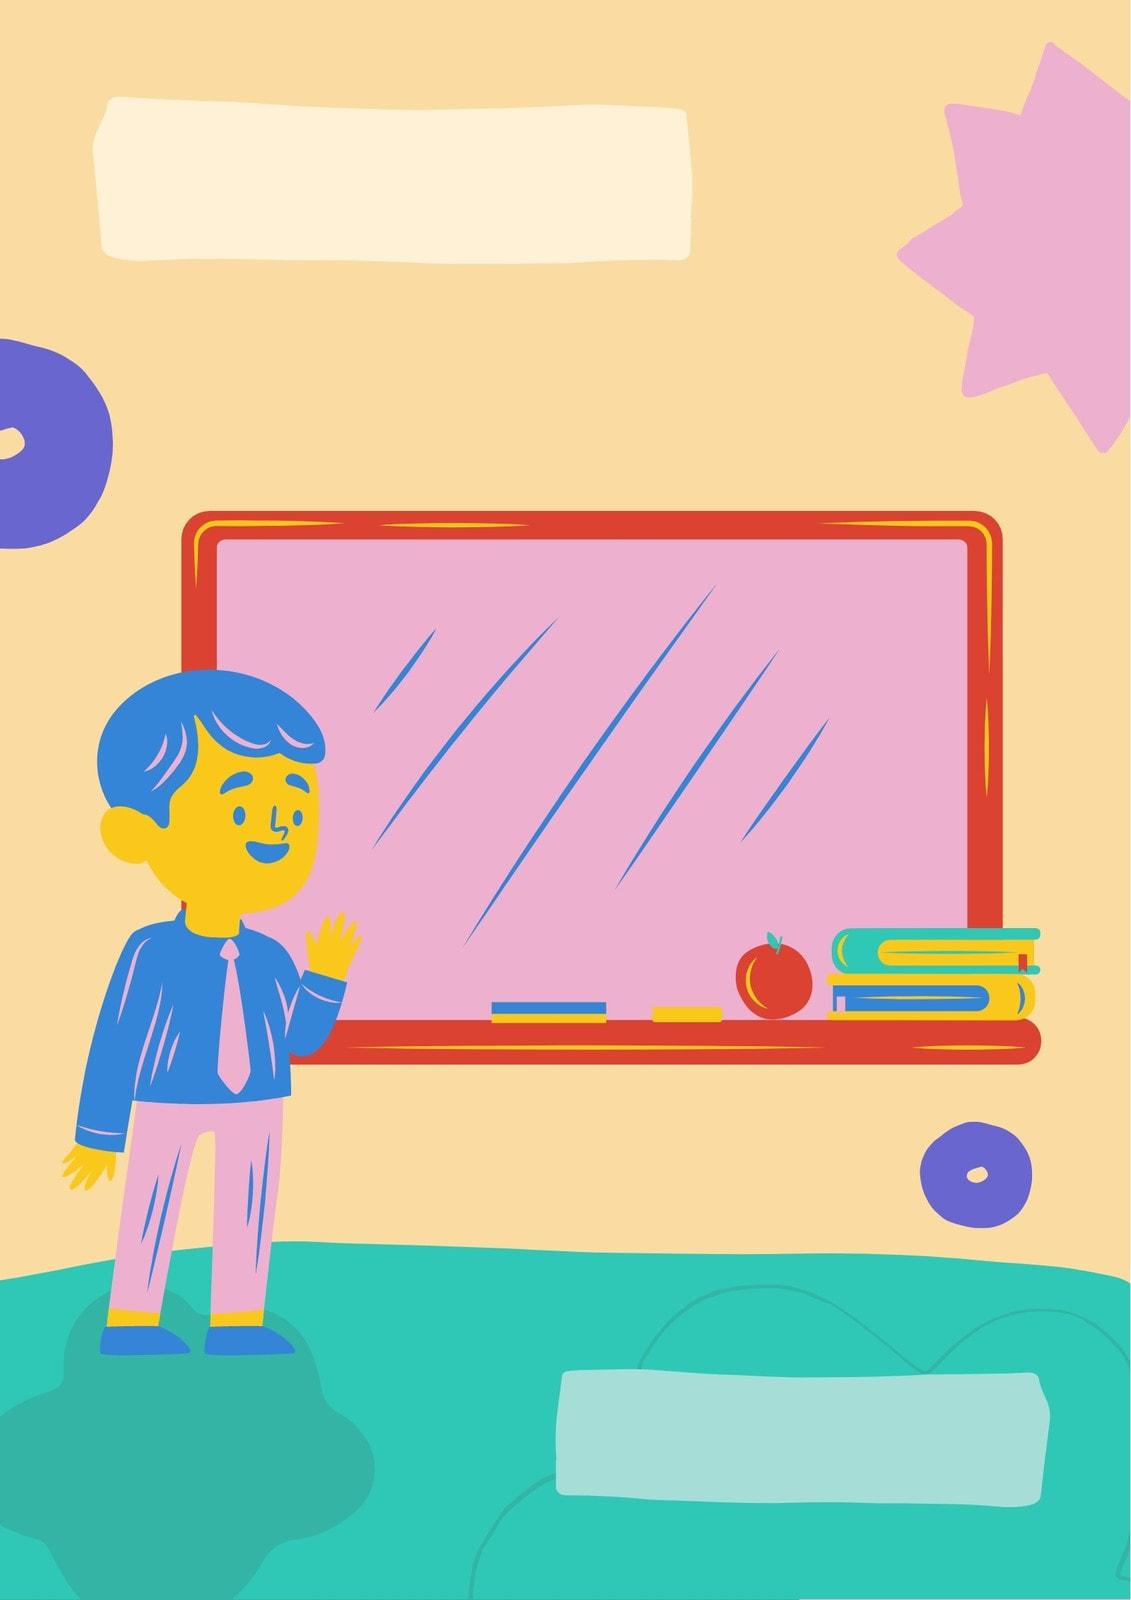 Цветное пастельное портфолио школьника с иллюстрациями детей и учебных принадлежностей